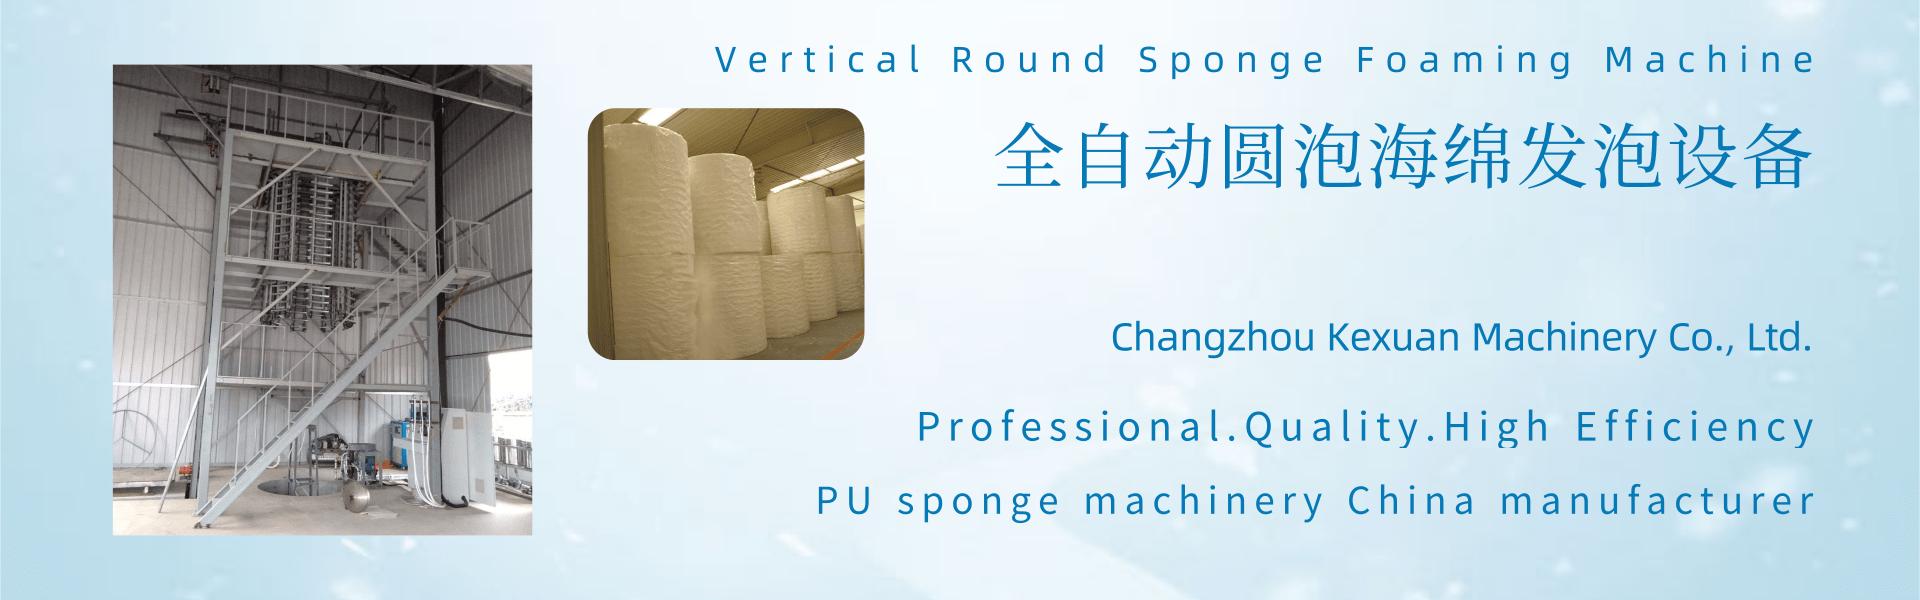 Automatic Vertical PU Foaming Machine